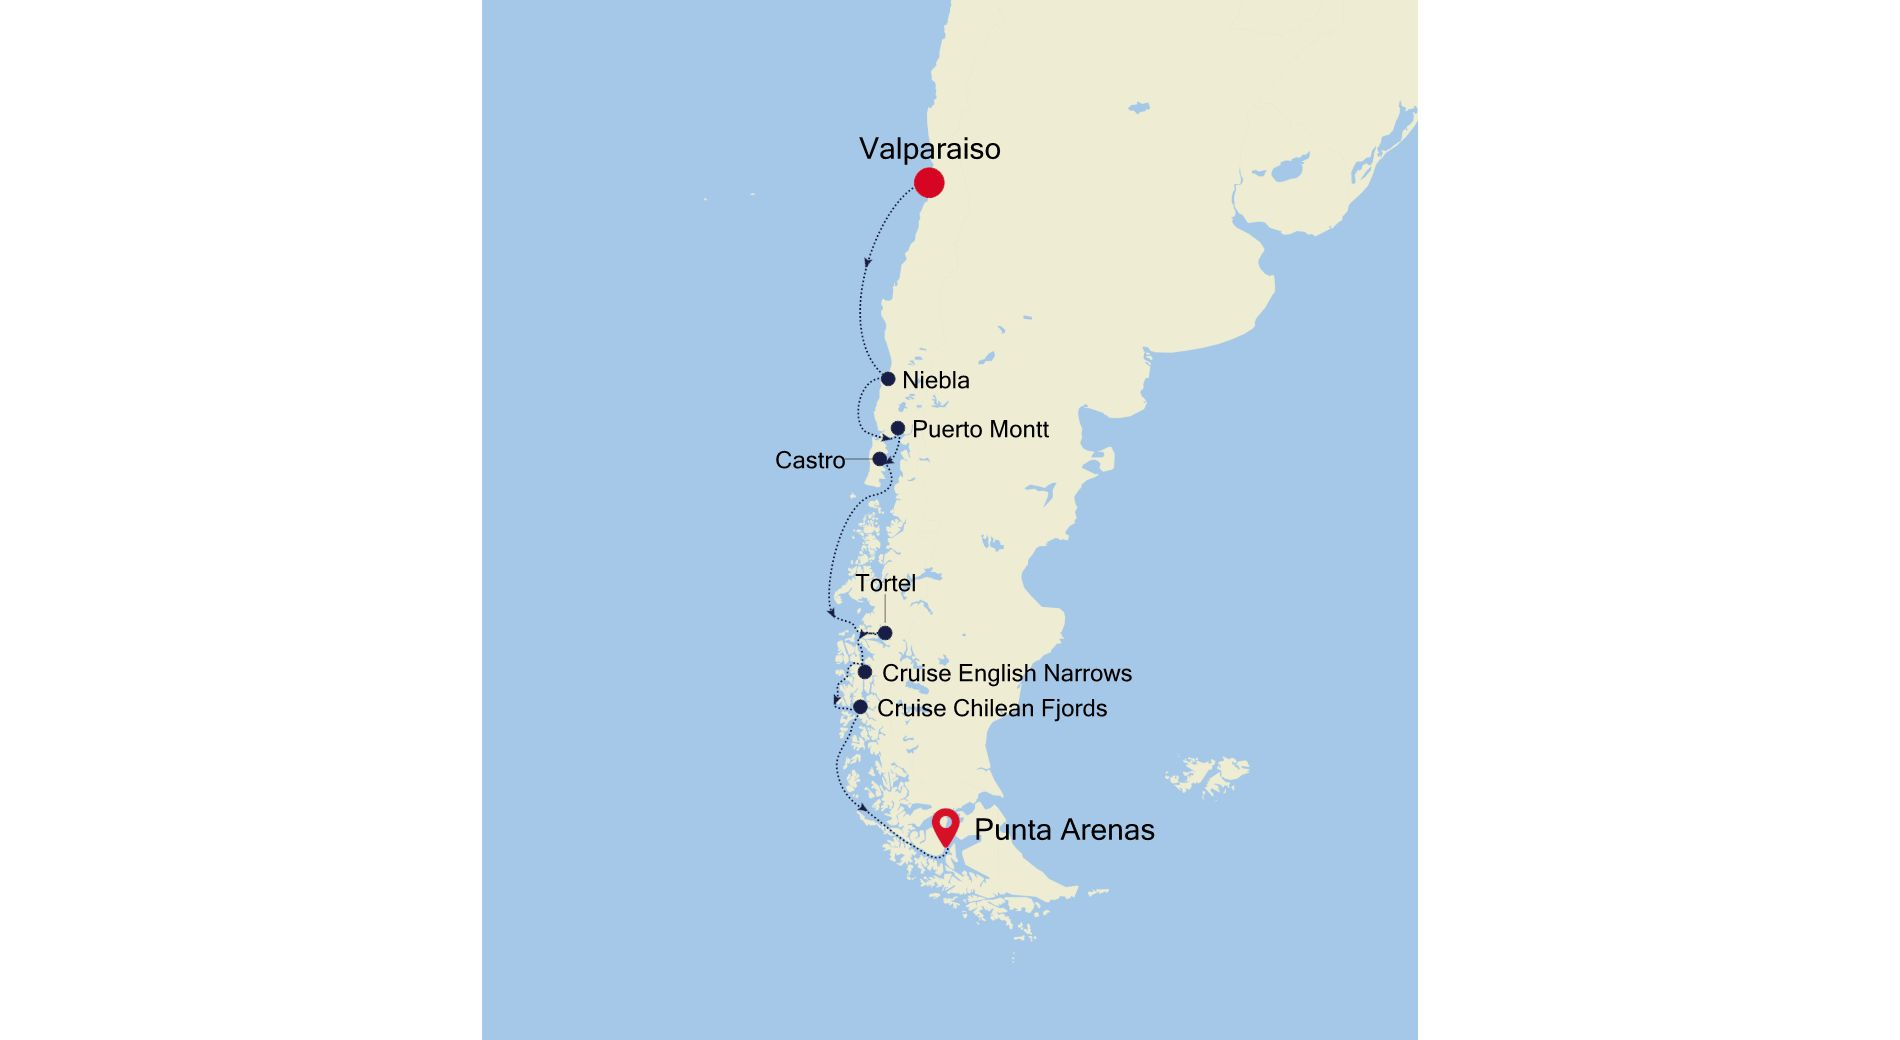 E4211105S09 - Valparaiso to Punta Arenas